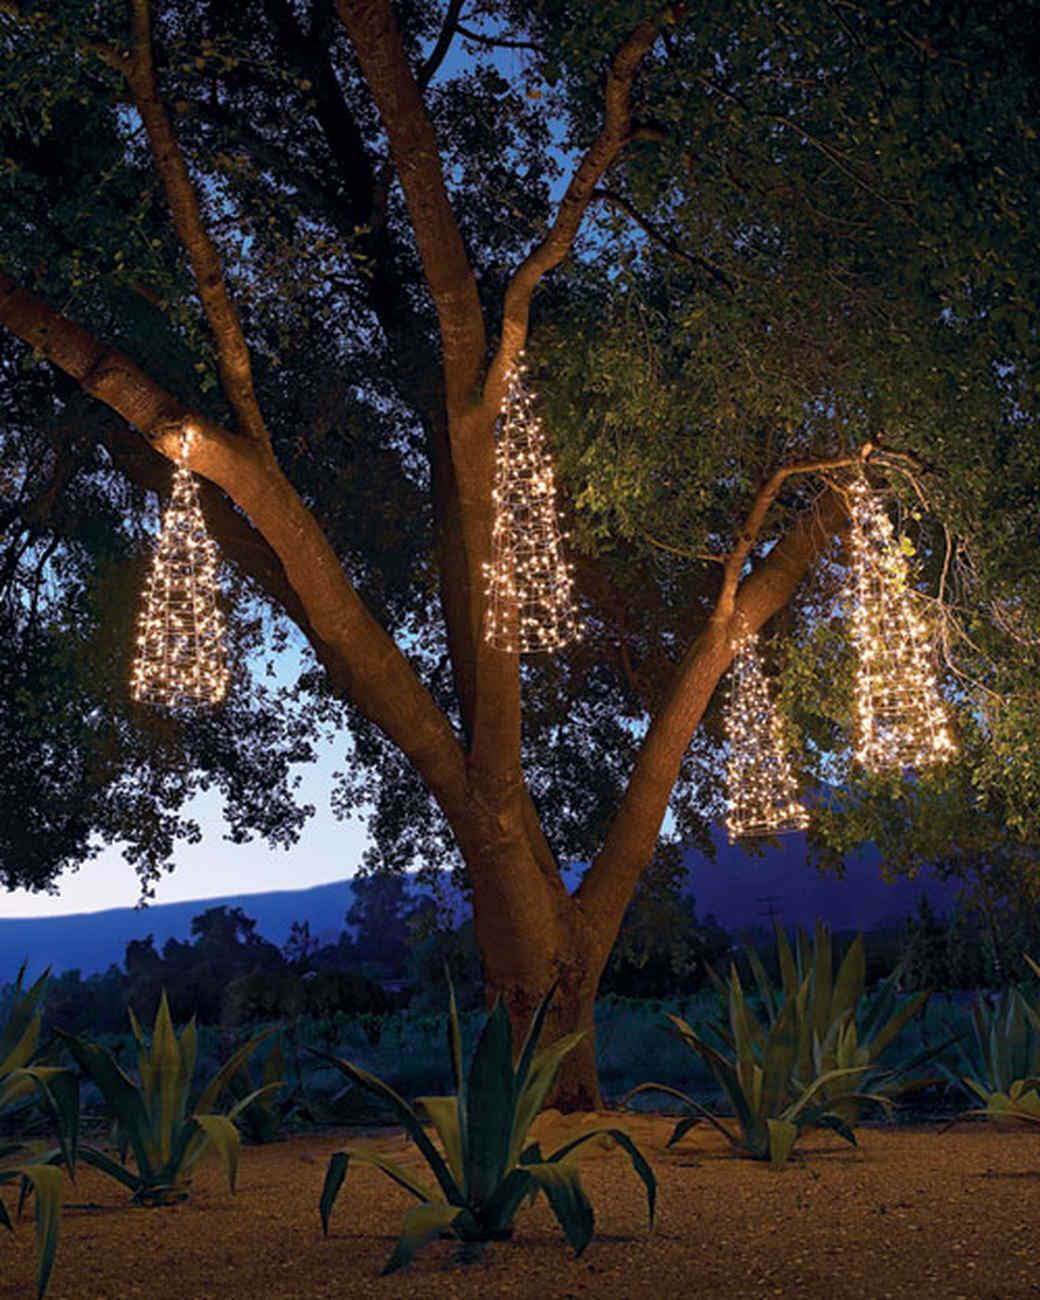 Outdoor Hanging Tree Lights: Outdoor Lighting: Hanging Trees